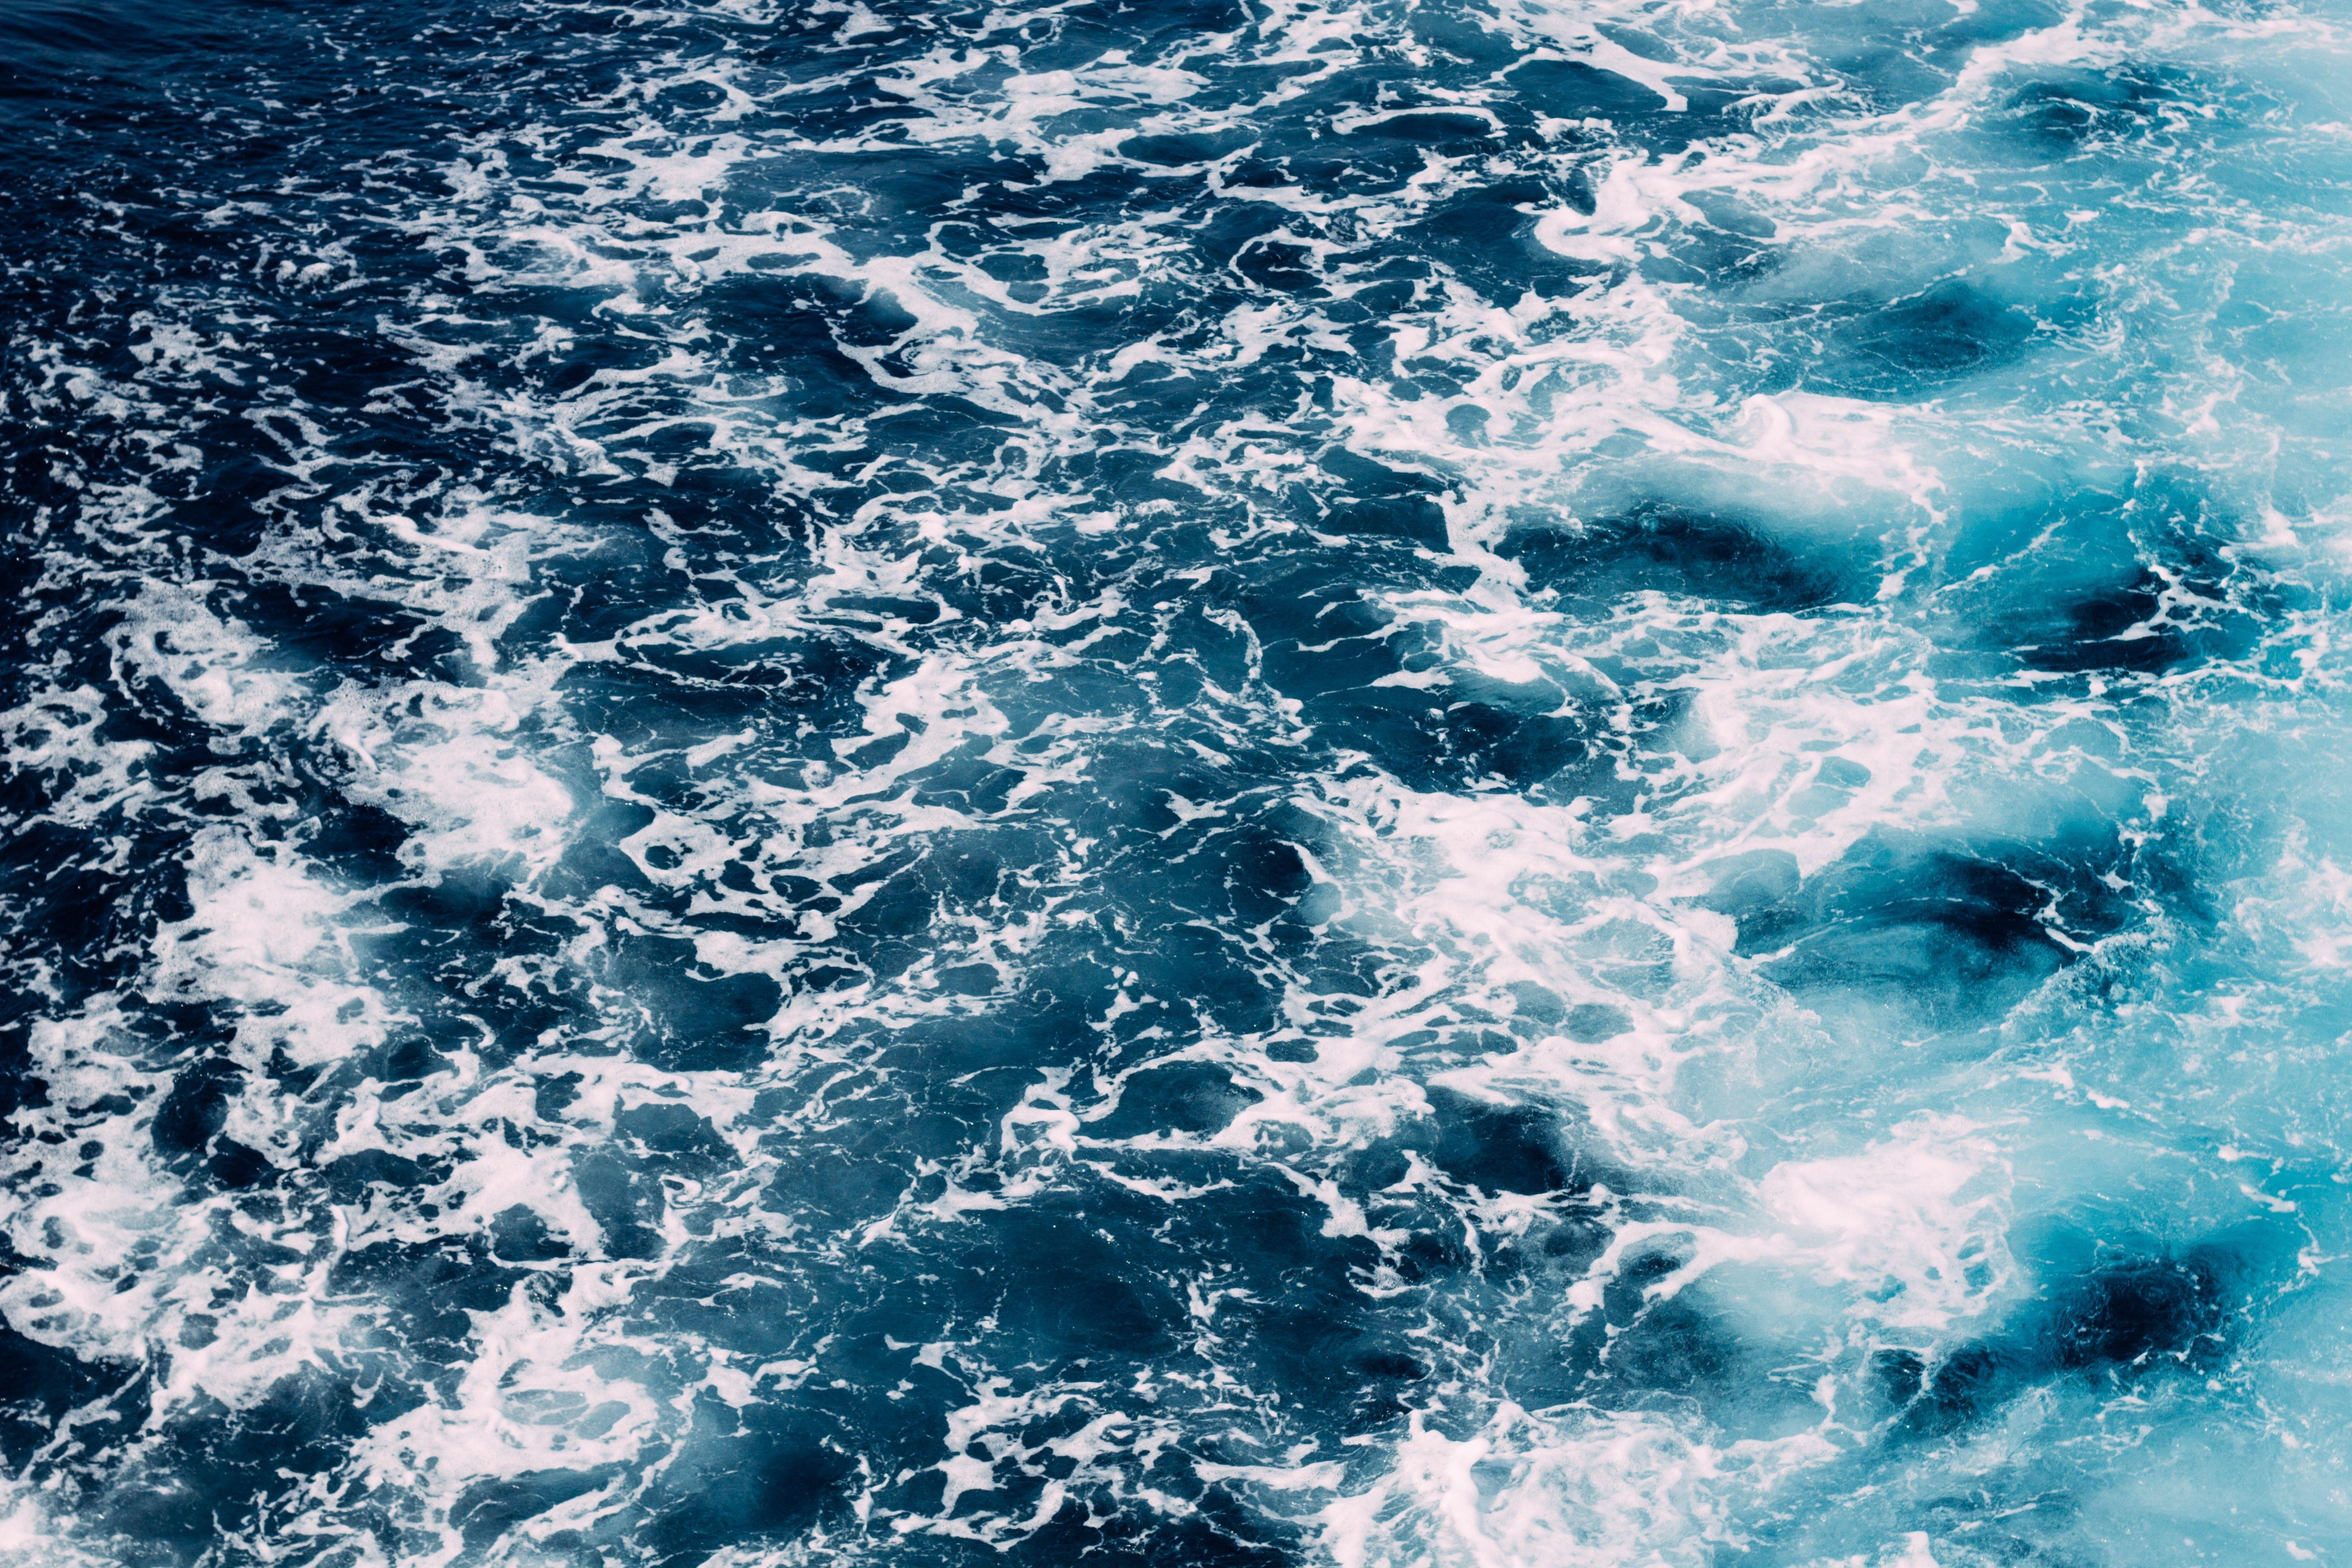 Sea Foam Wallpapers Top Free Sea Foam Backgrounds Wallpaperaccess